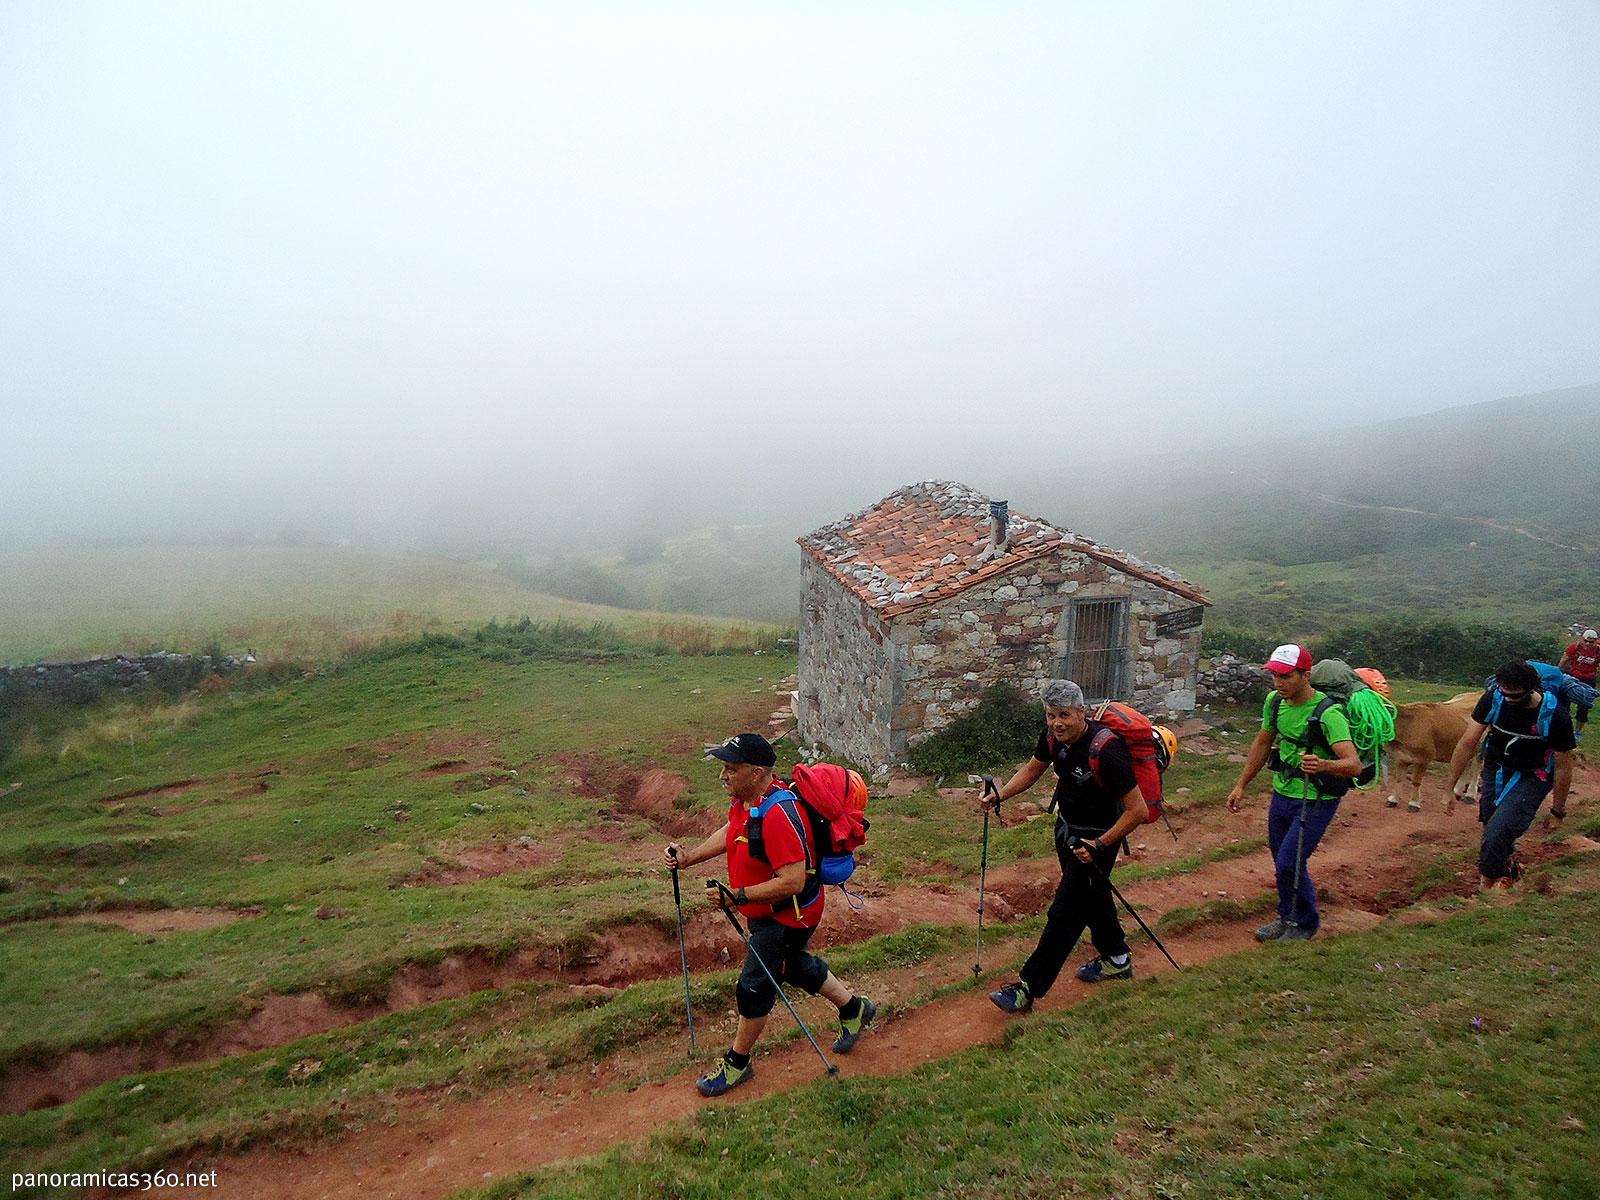 Marcha de aproximación al refugio de la Vega de Urriellu en el Macizo Central de los Picos de Europa